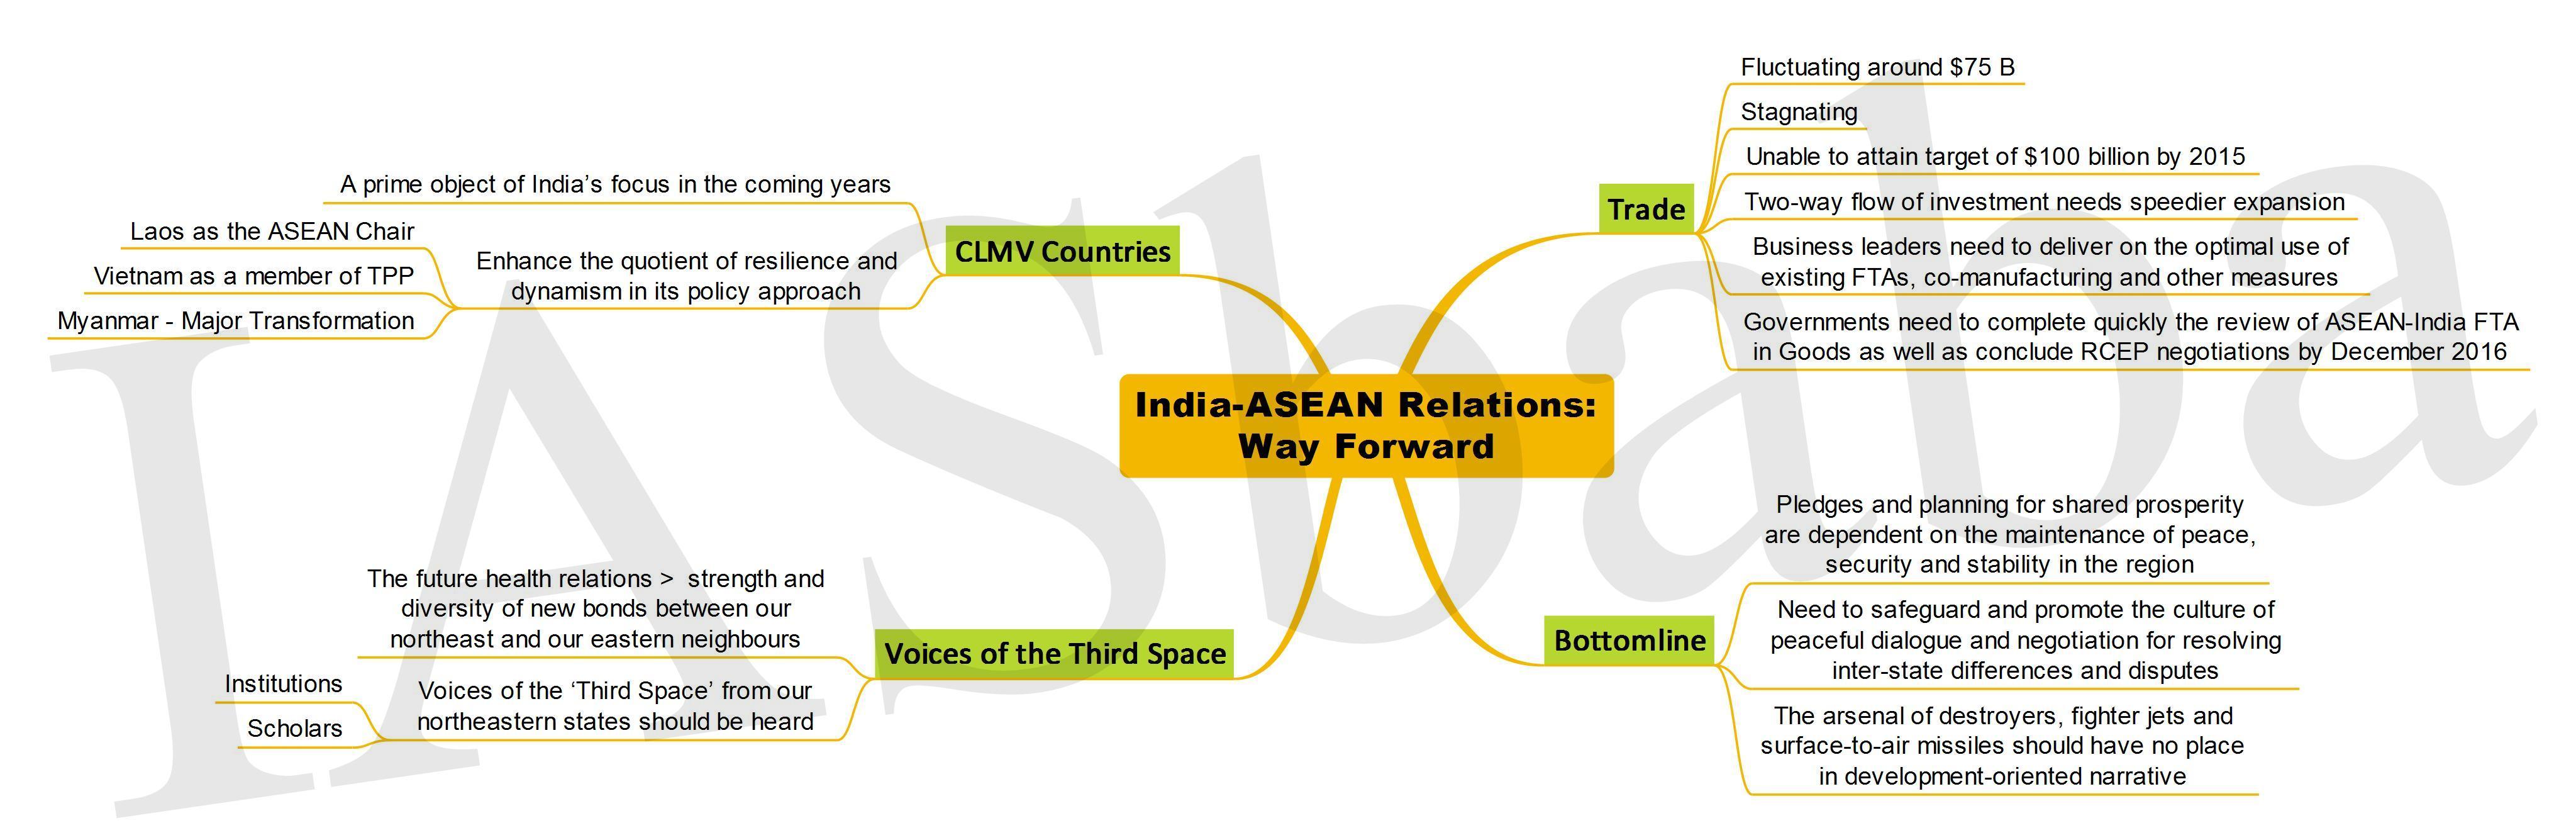 India-ASEAN Relations Way Forward-IASbaba